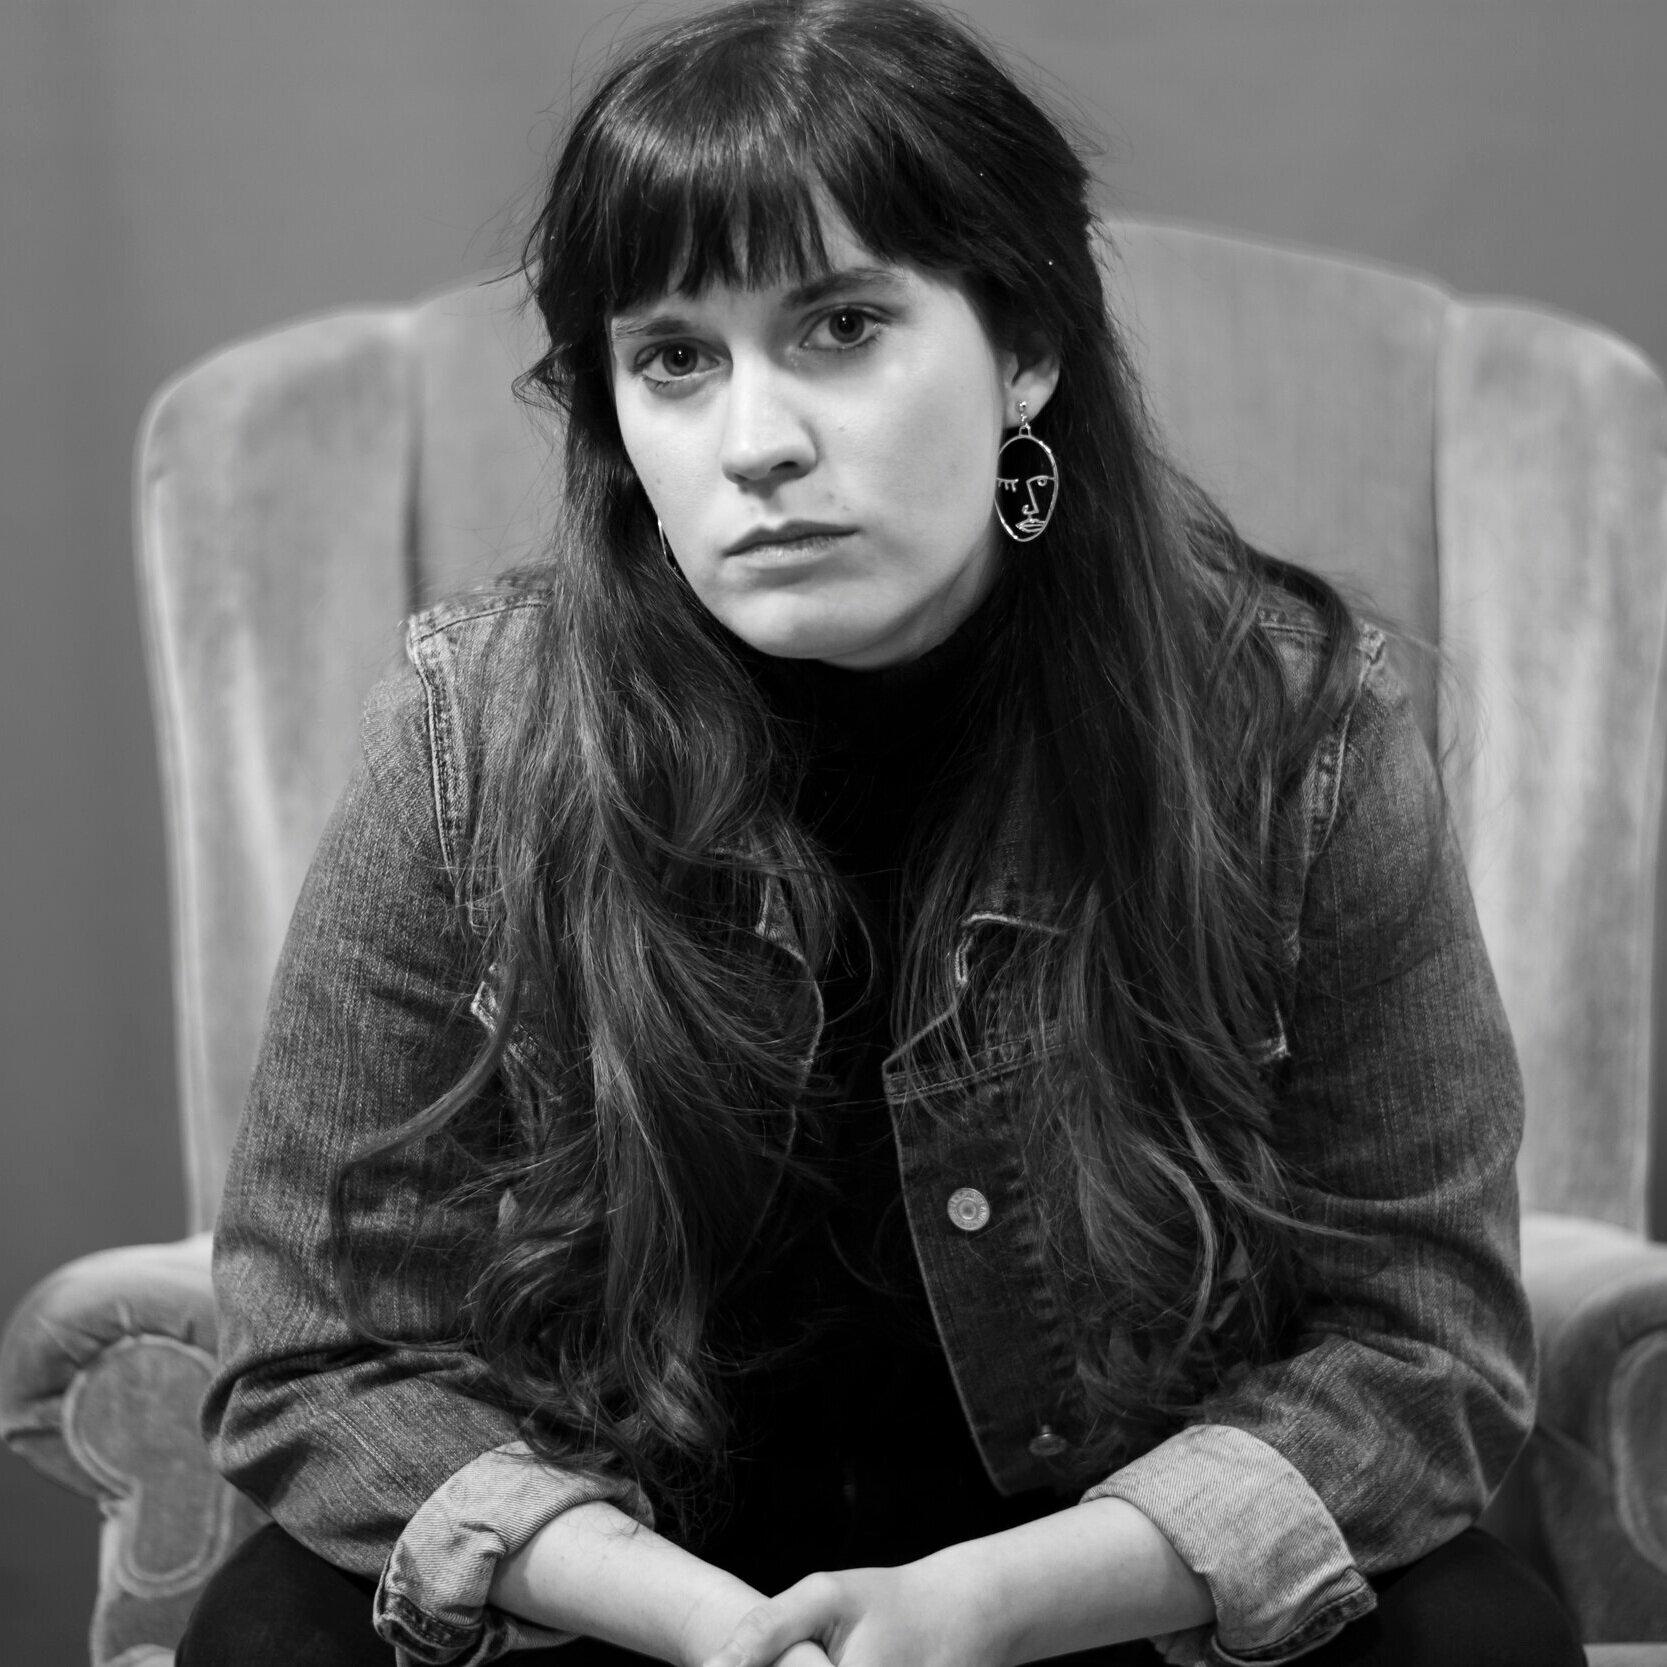 Kaitlin Romero